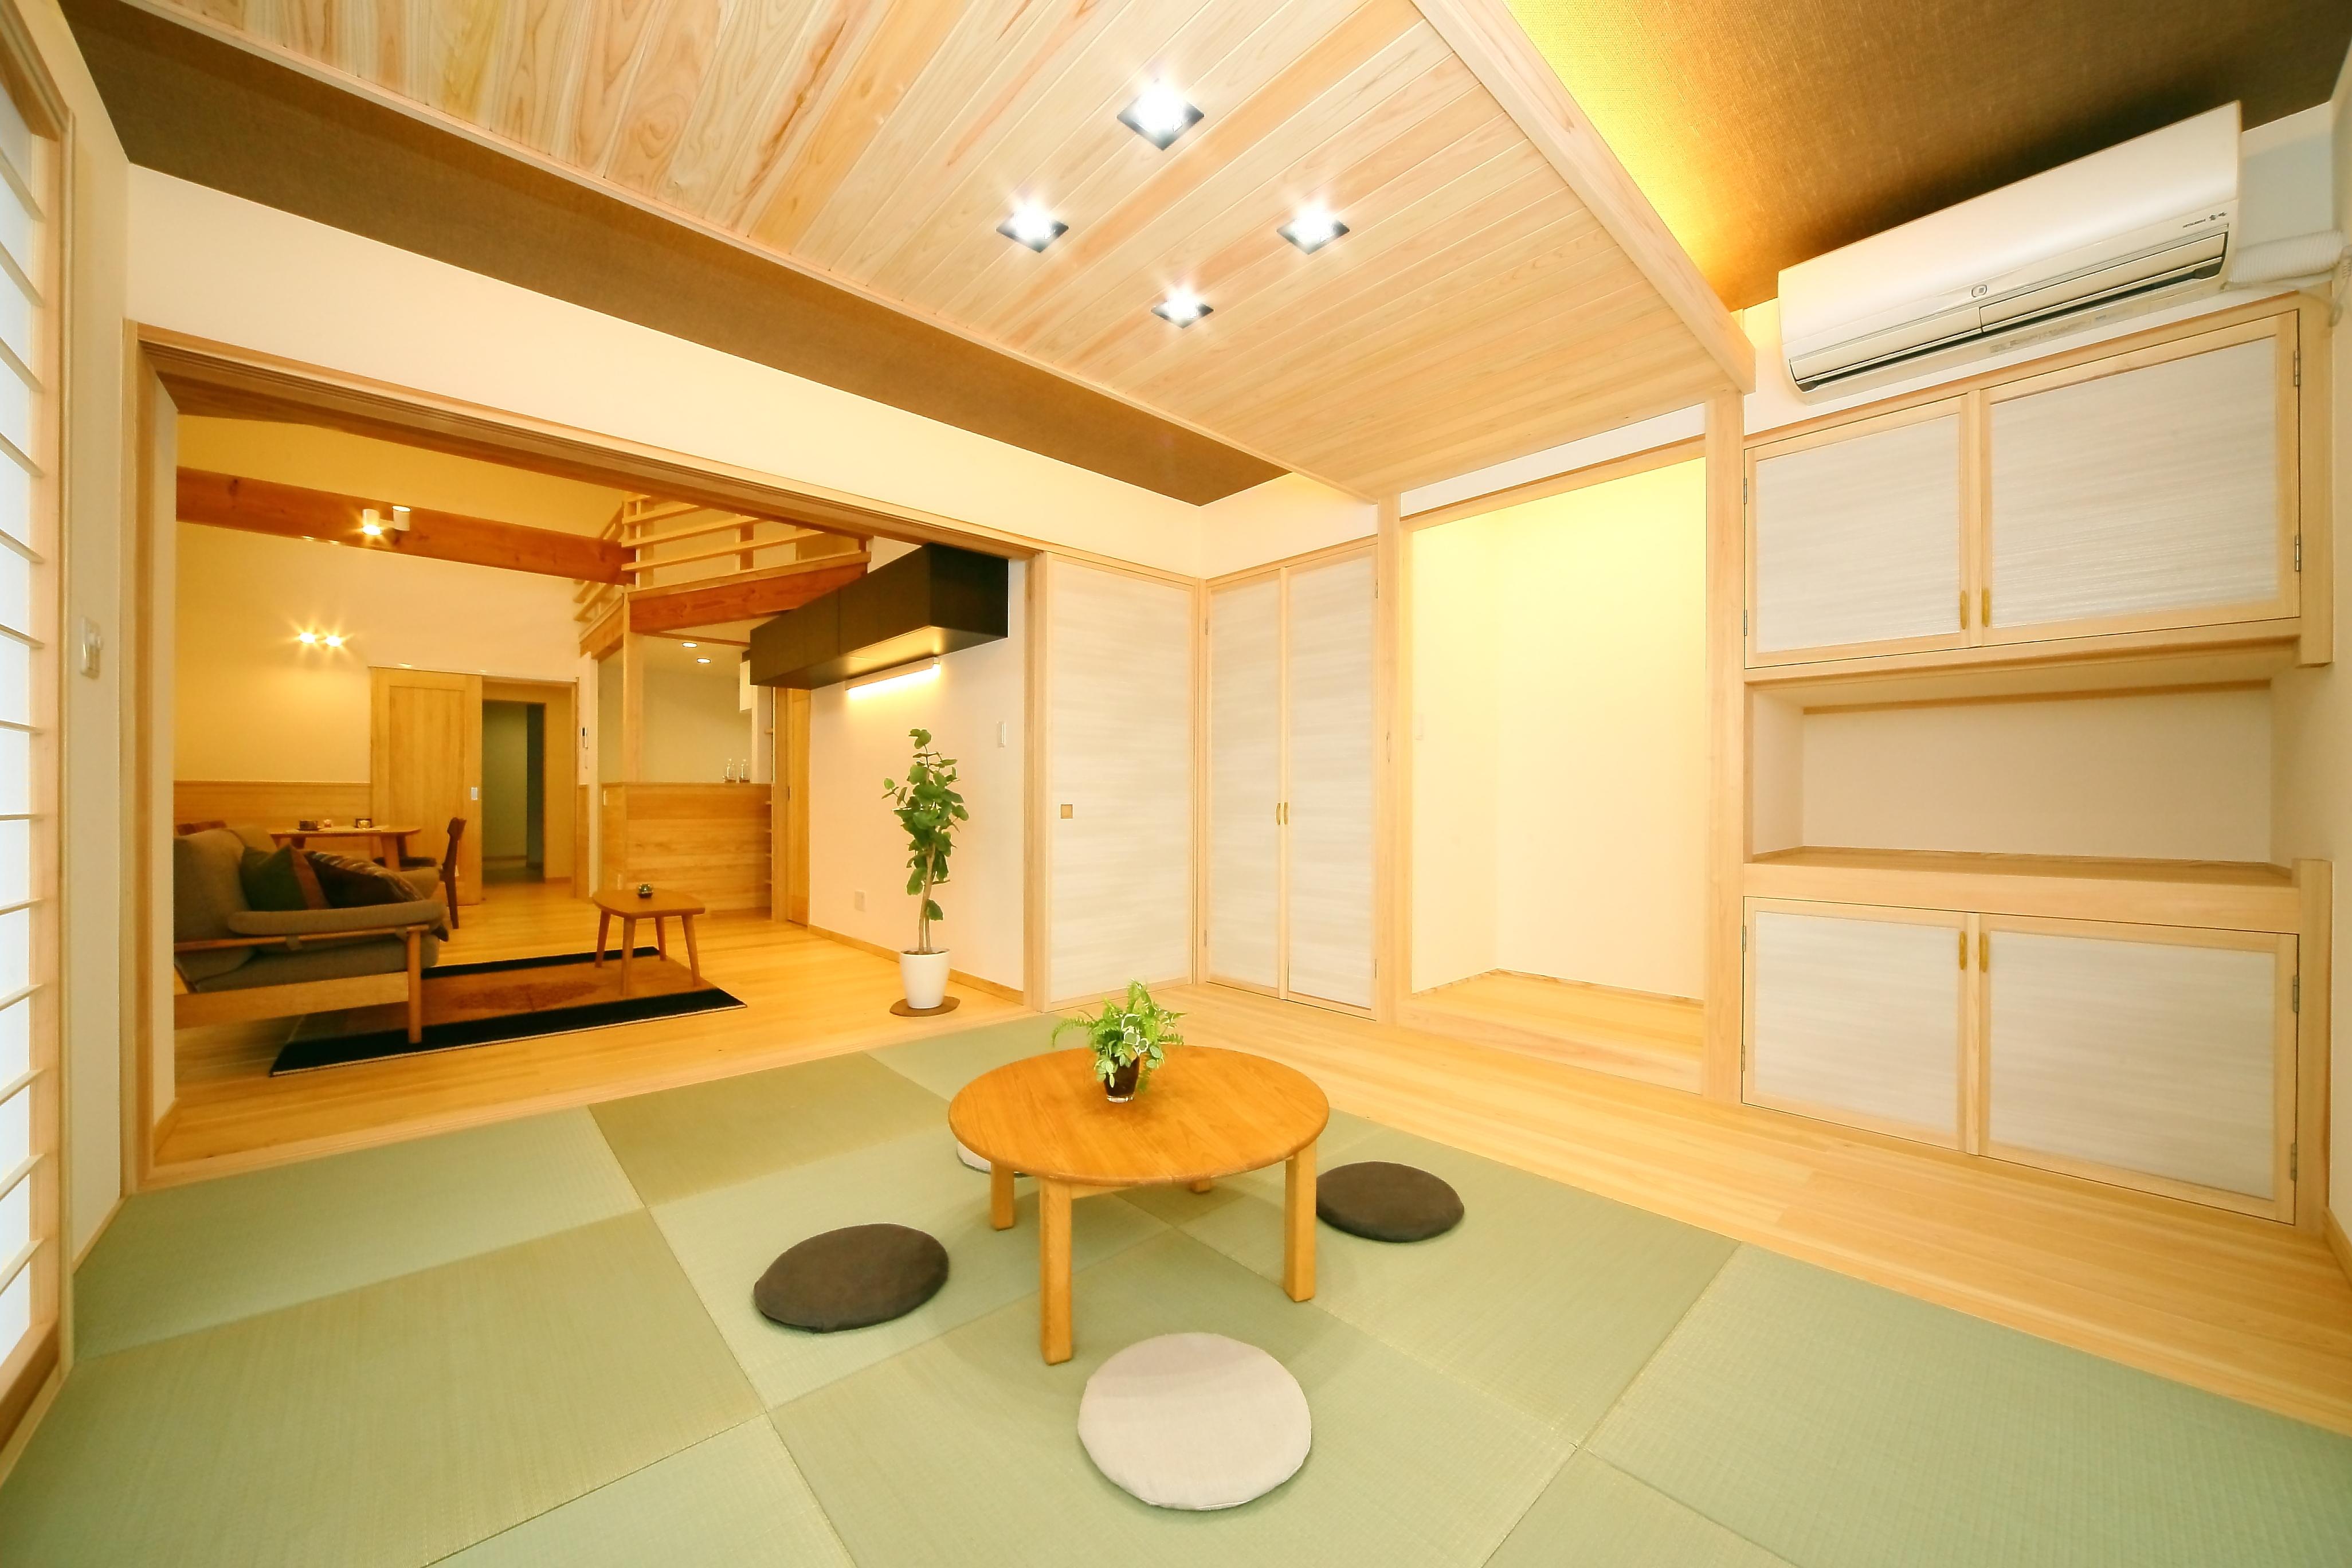 エコフィールド【二世帯住宅、自然素材、間取り】親世帯の明るく広々とした和室。スクエア畳と木目を生かした飾り天井が、洗練された雰囲気を醸し出す